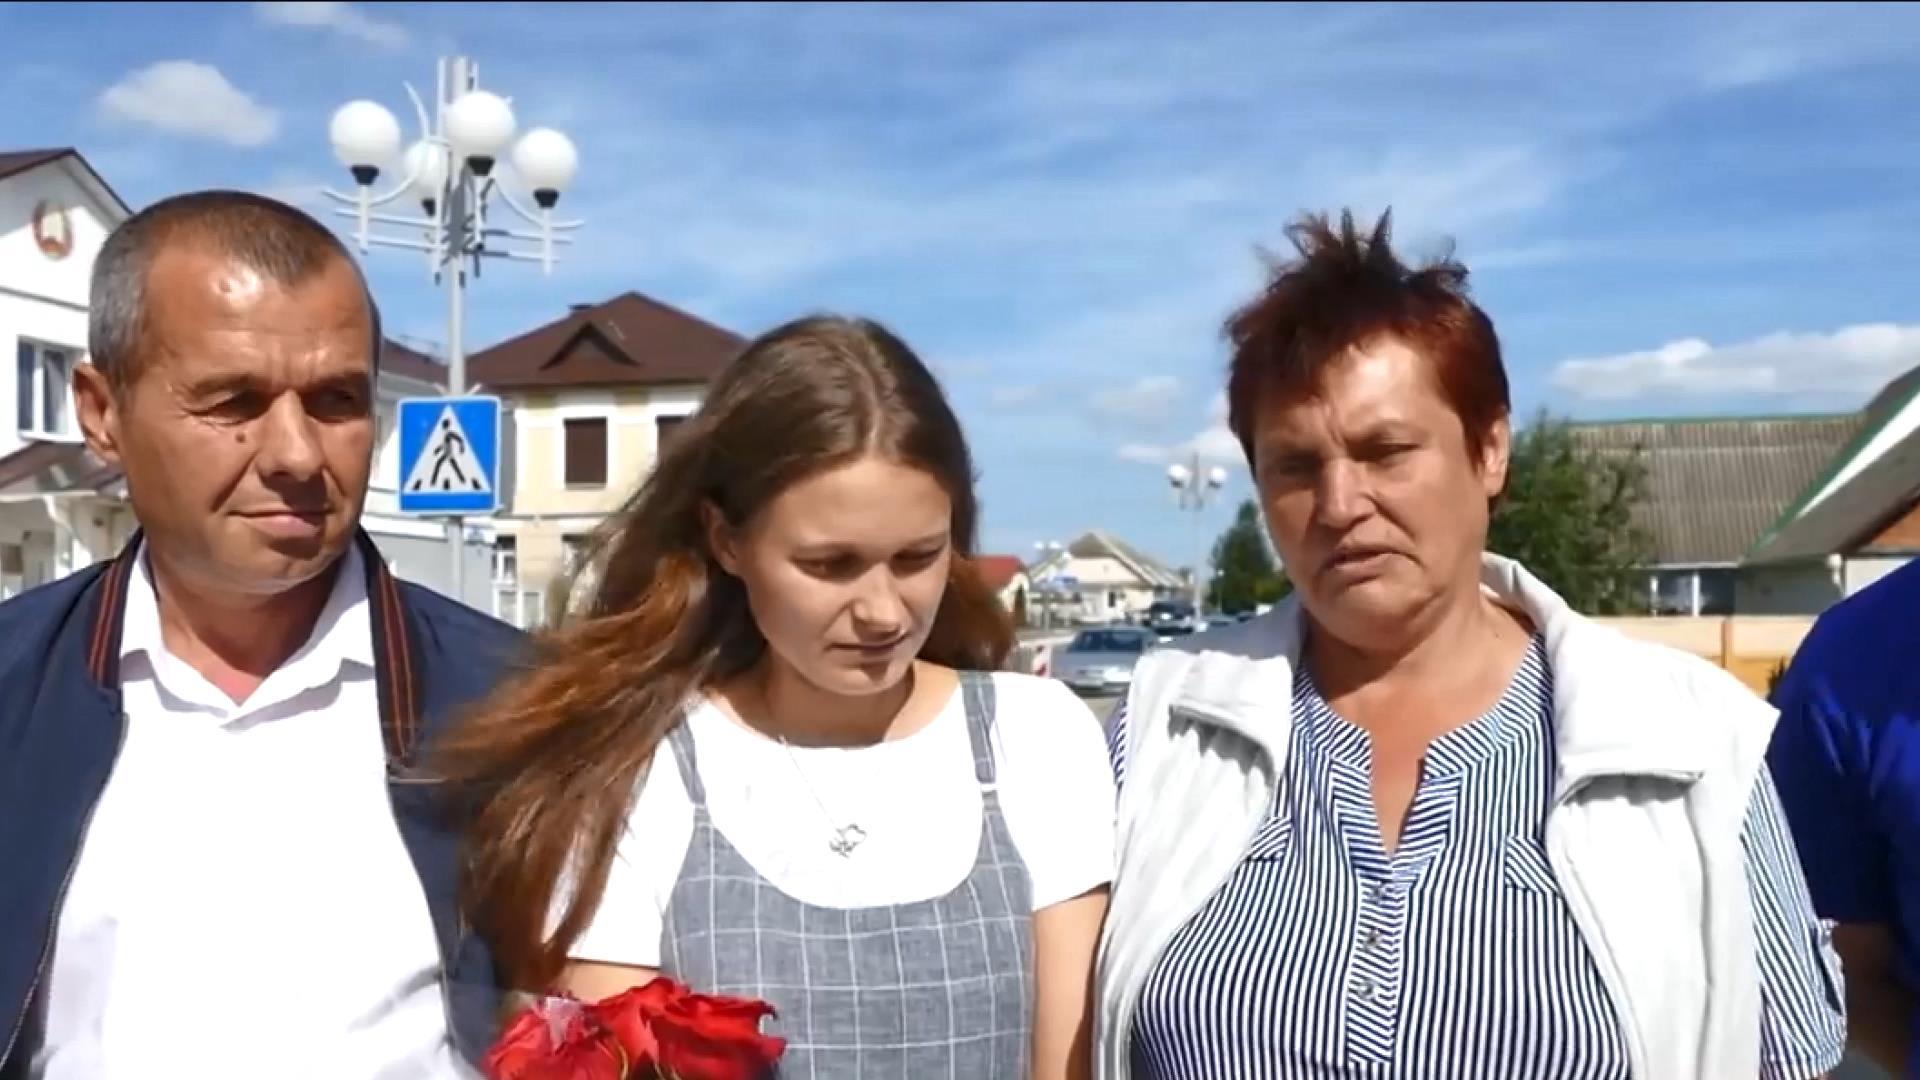 4 yaşında tren istasyonunda kaybolan kızın ailesini, 20 yıl sonra erkek arkadaşı buldu